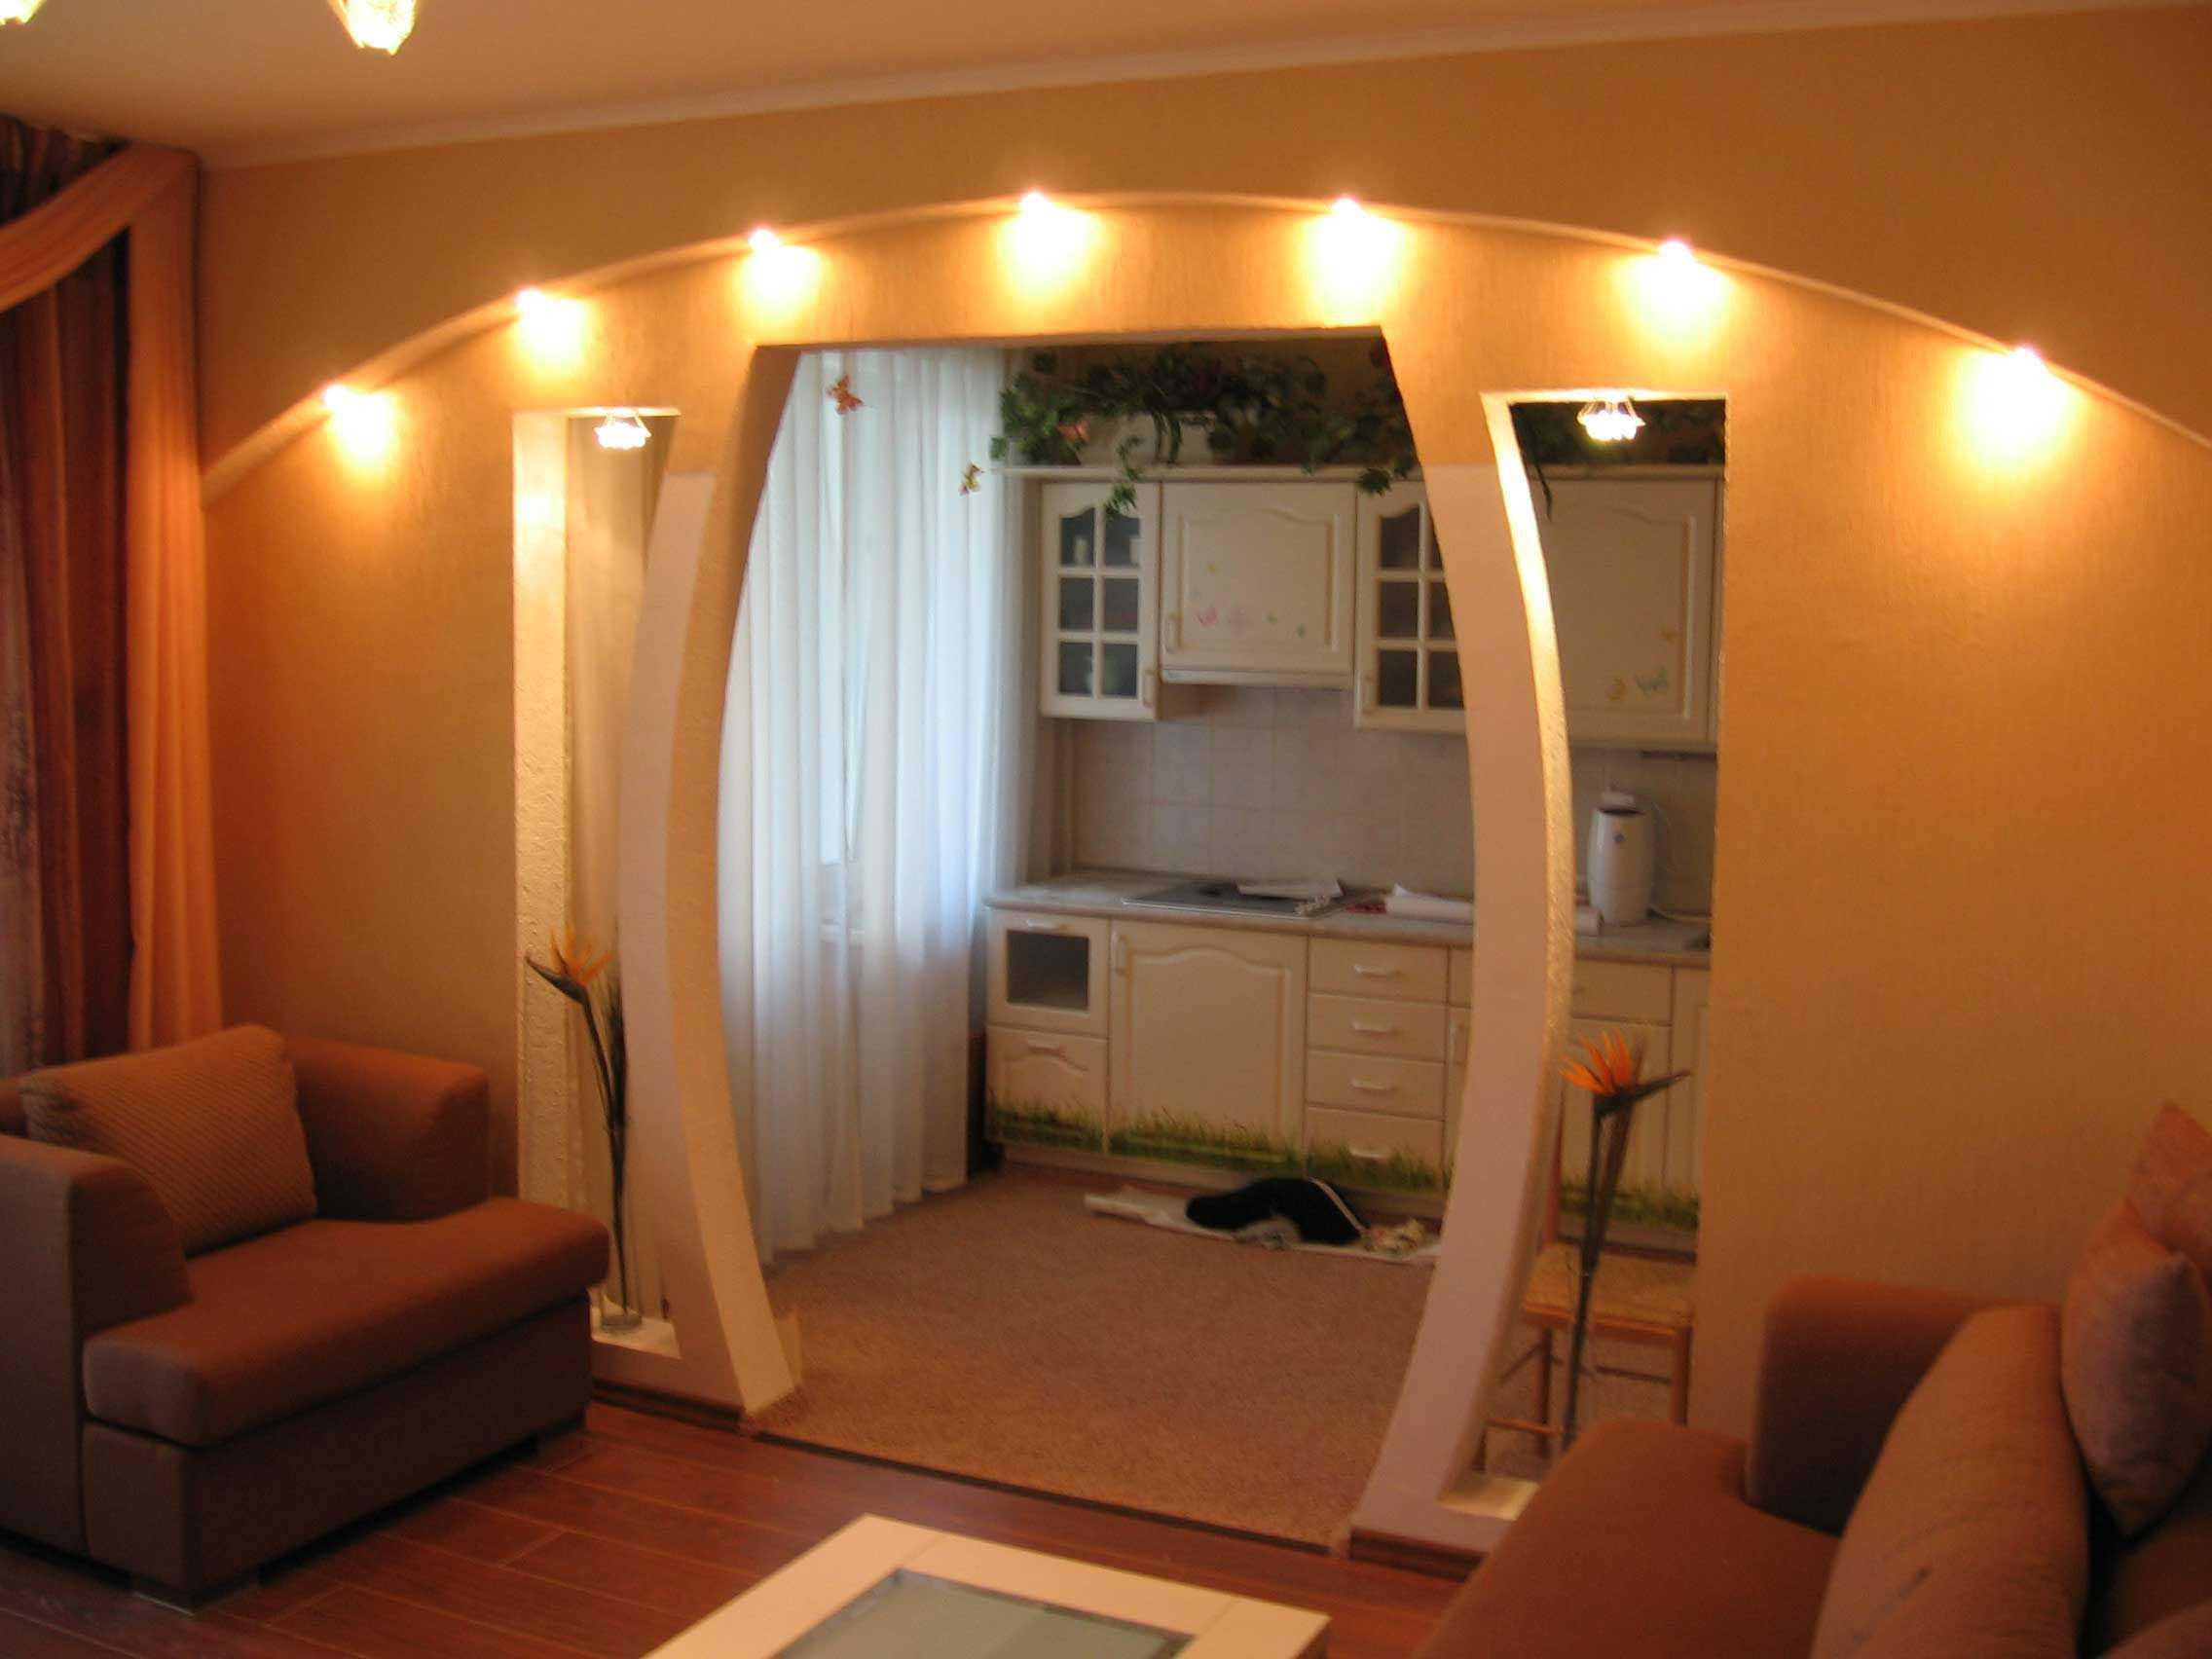 moderna dzīvokļa gaišā interjera variants 65 kv.m platībā